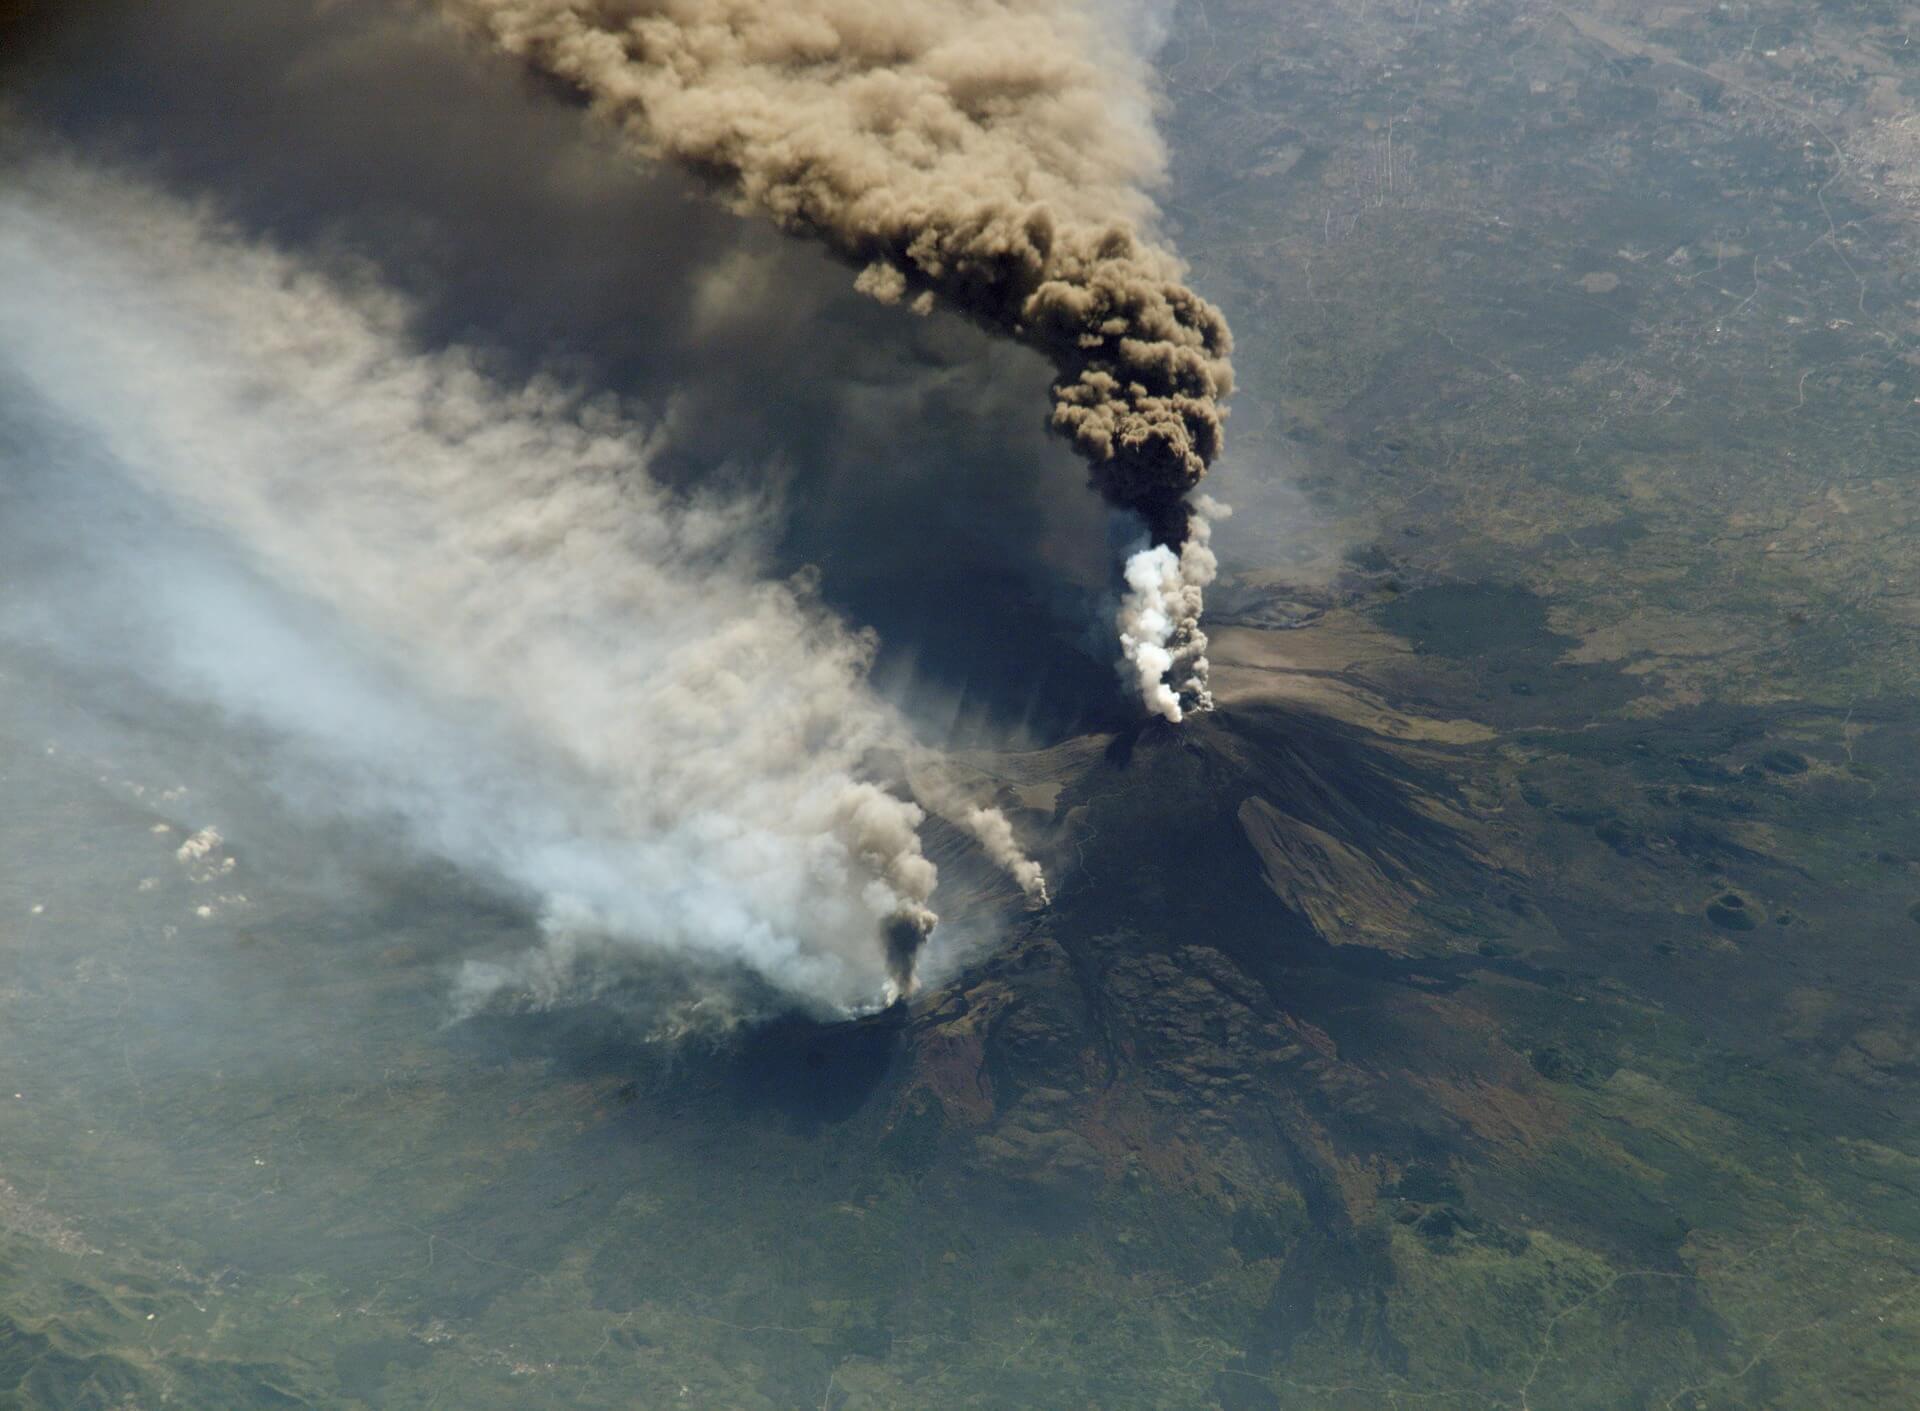 草津白根山の噴火と今後の巨大地震の関連性は Itoito Style